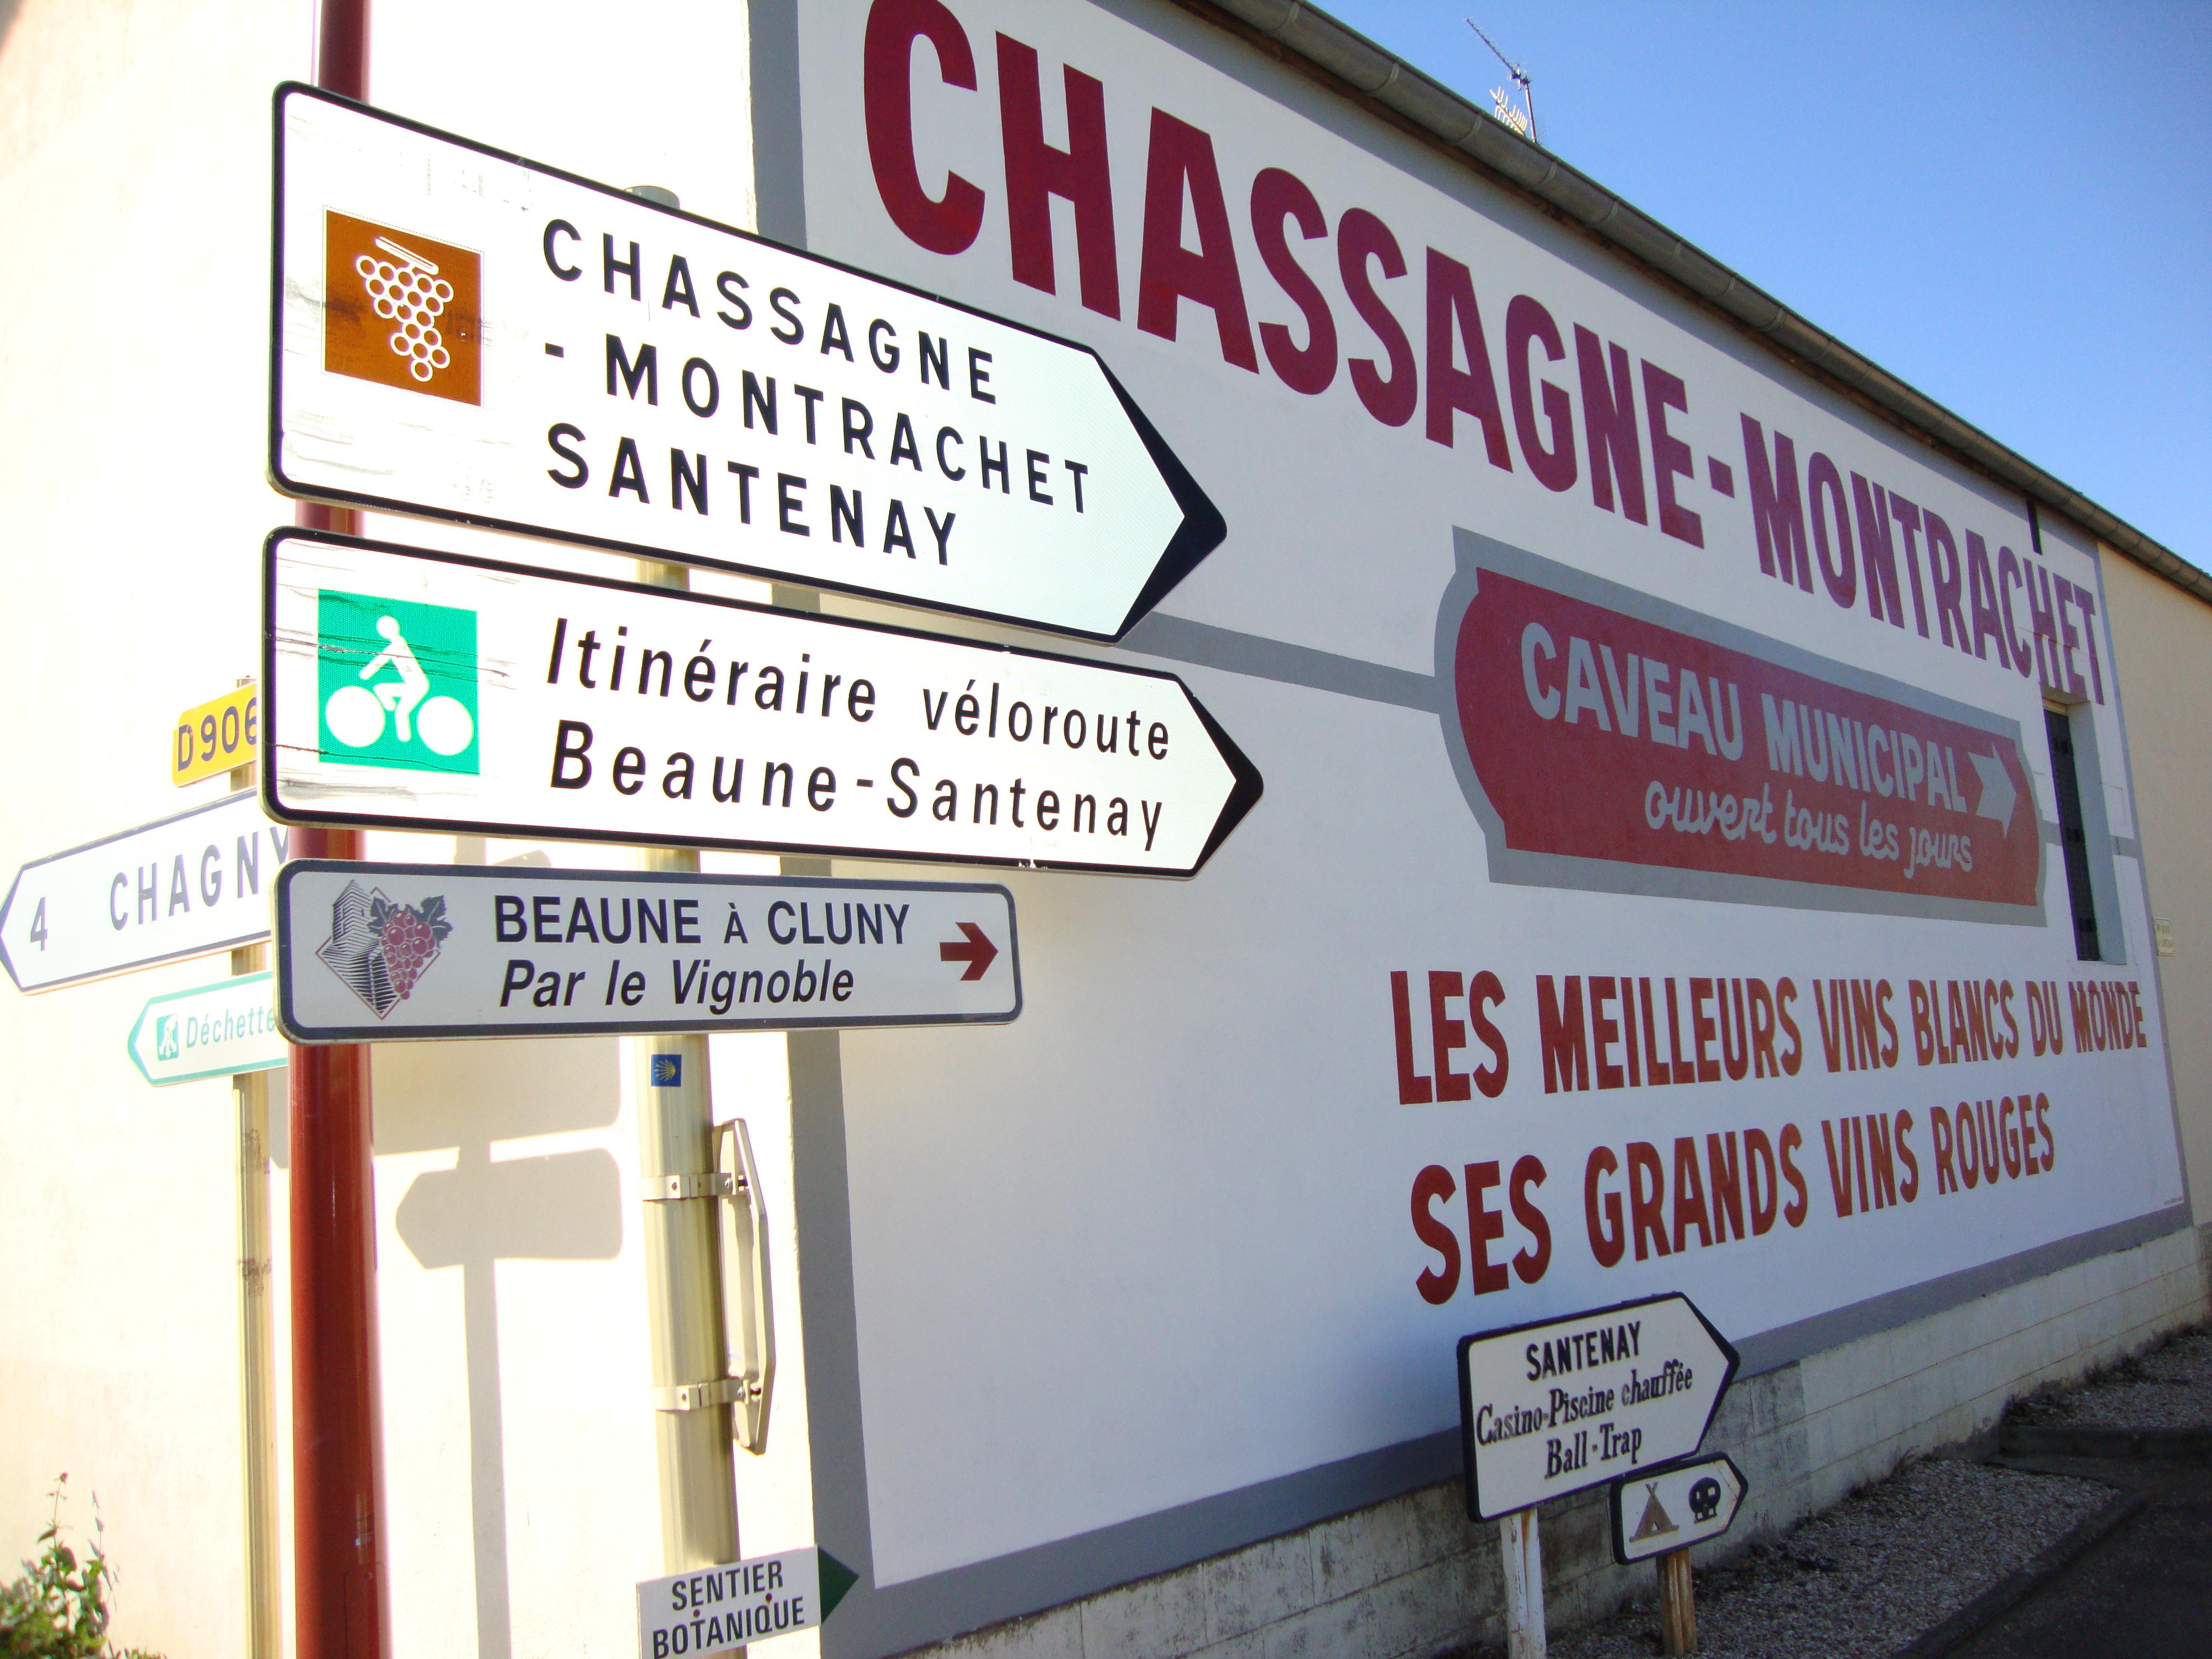 File:Chassagne-Montrachet (Côte d'Or, Fr) signalisations vin, vélo ...